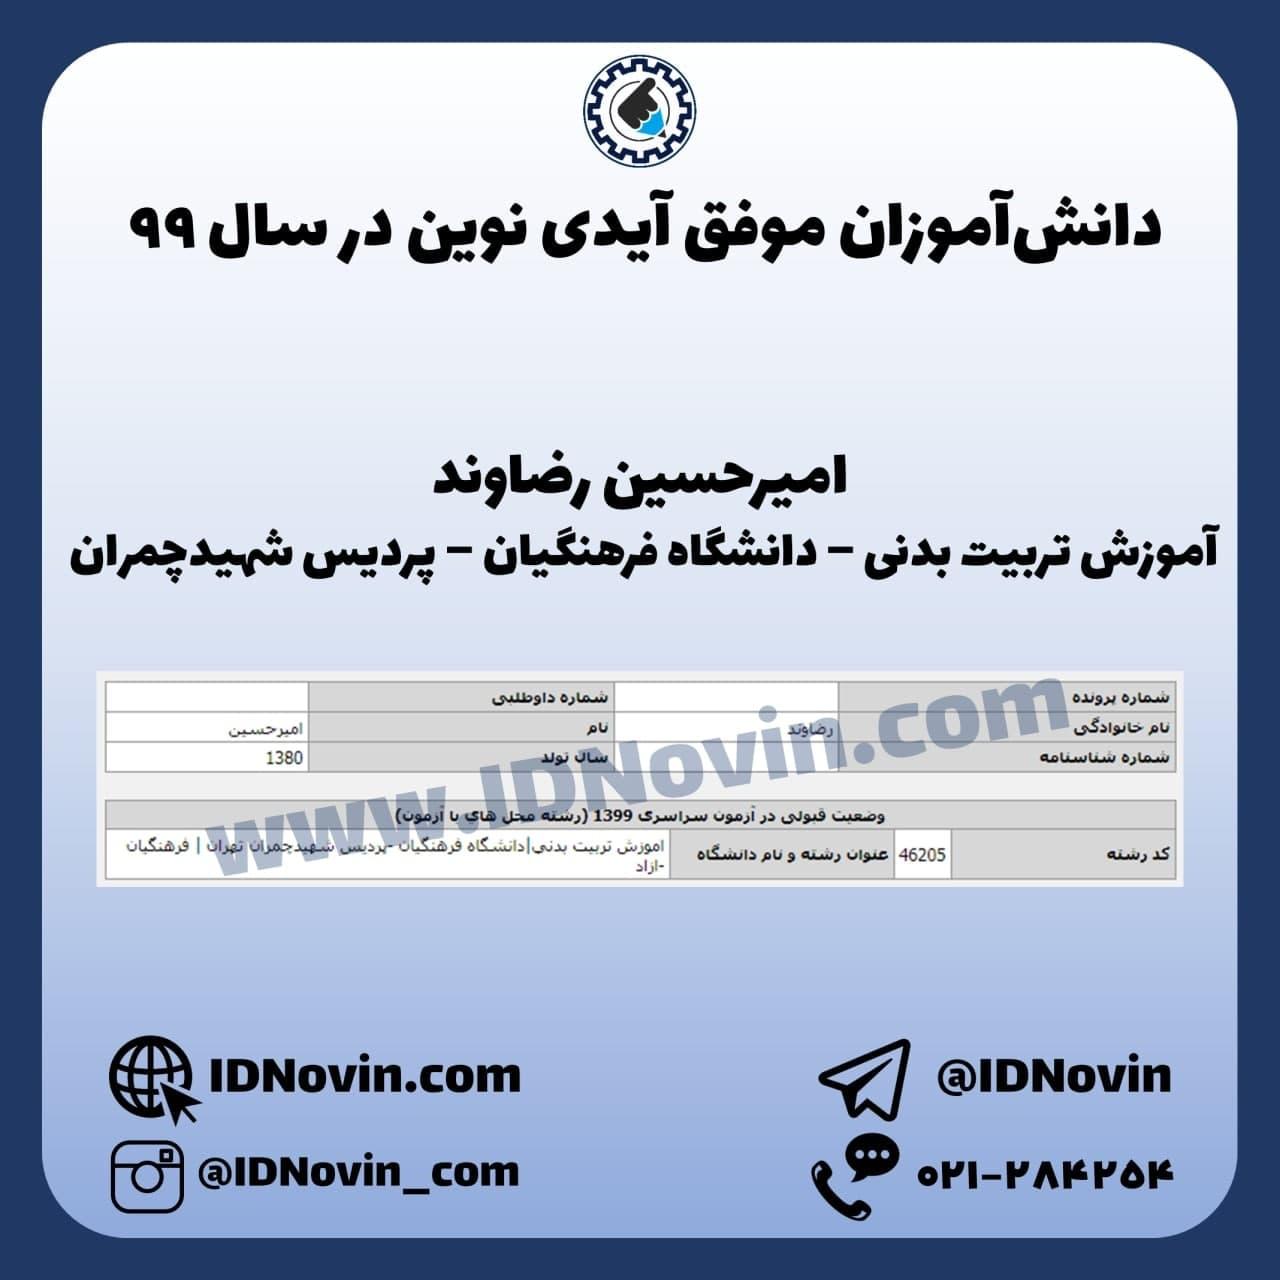 کارنامه قبولی آموزش تربیت بدنی دانشگاه فرهنگیان شهیدچمران